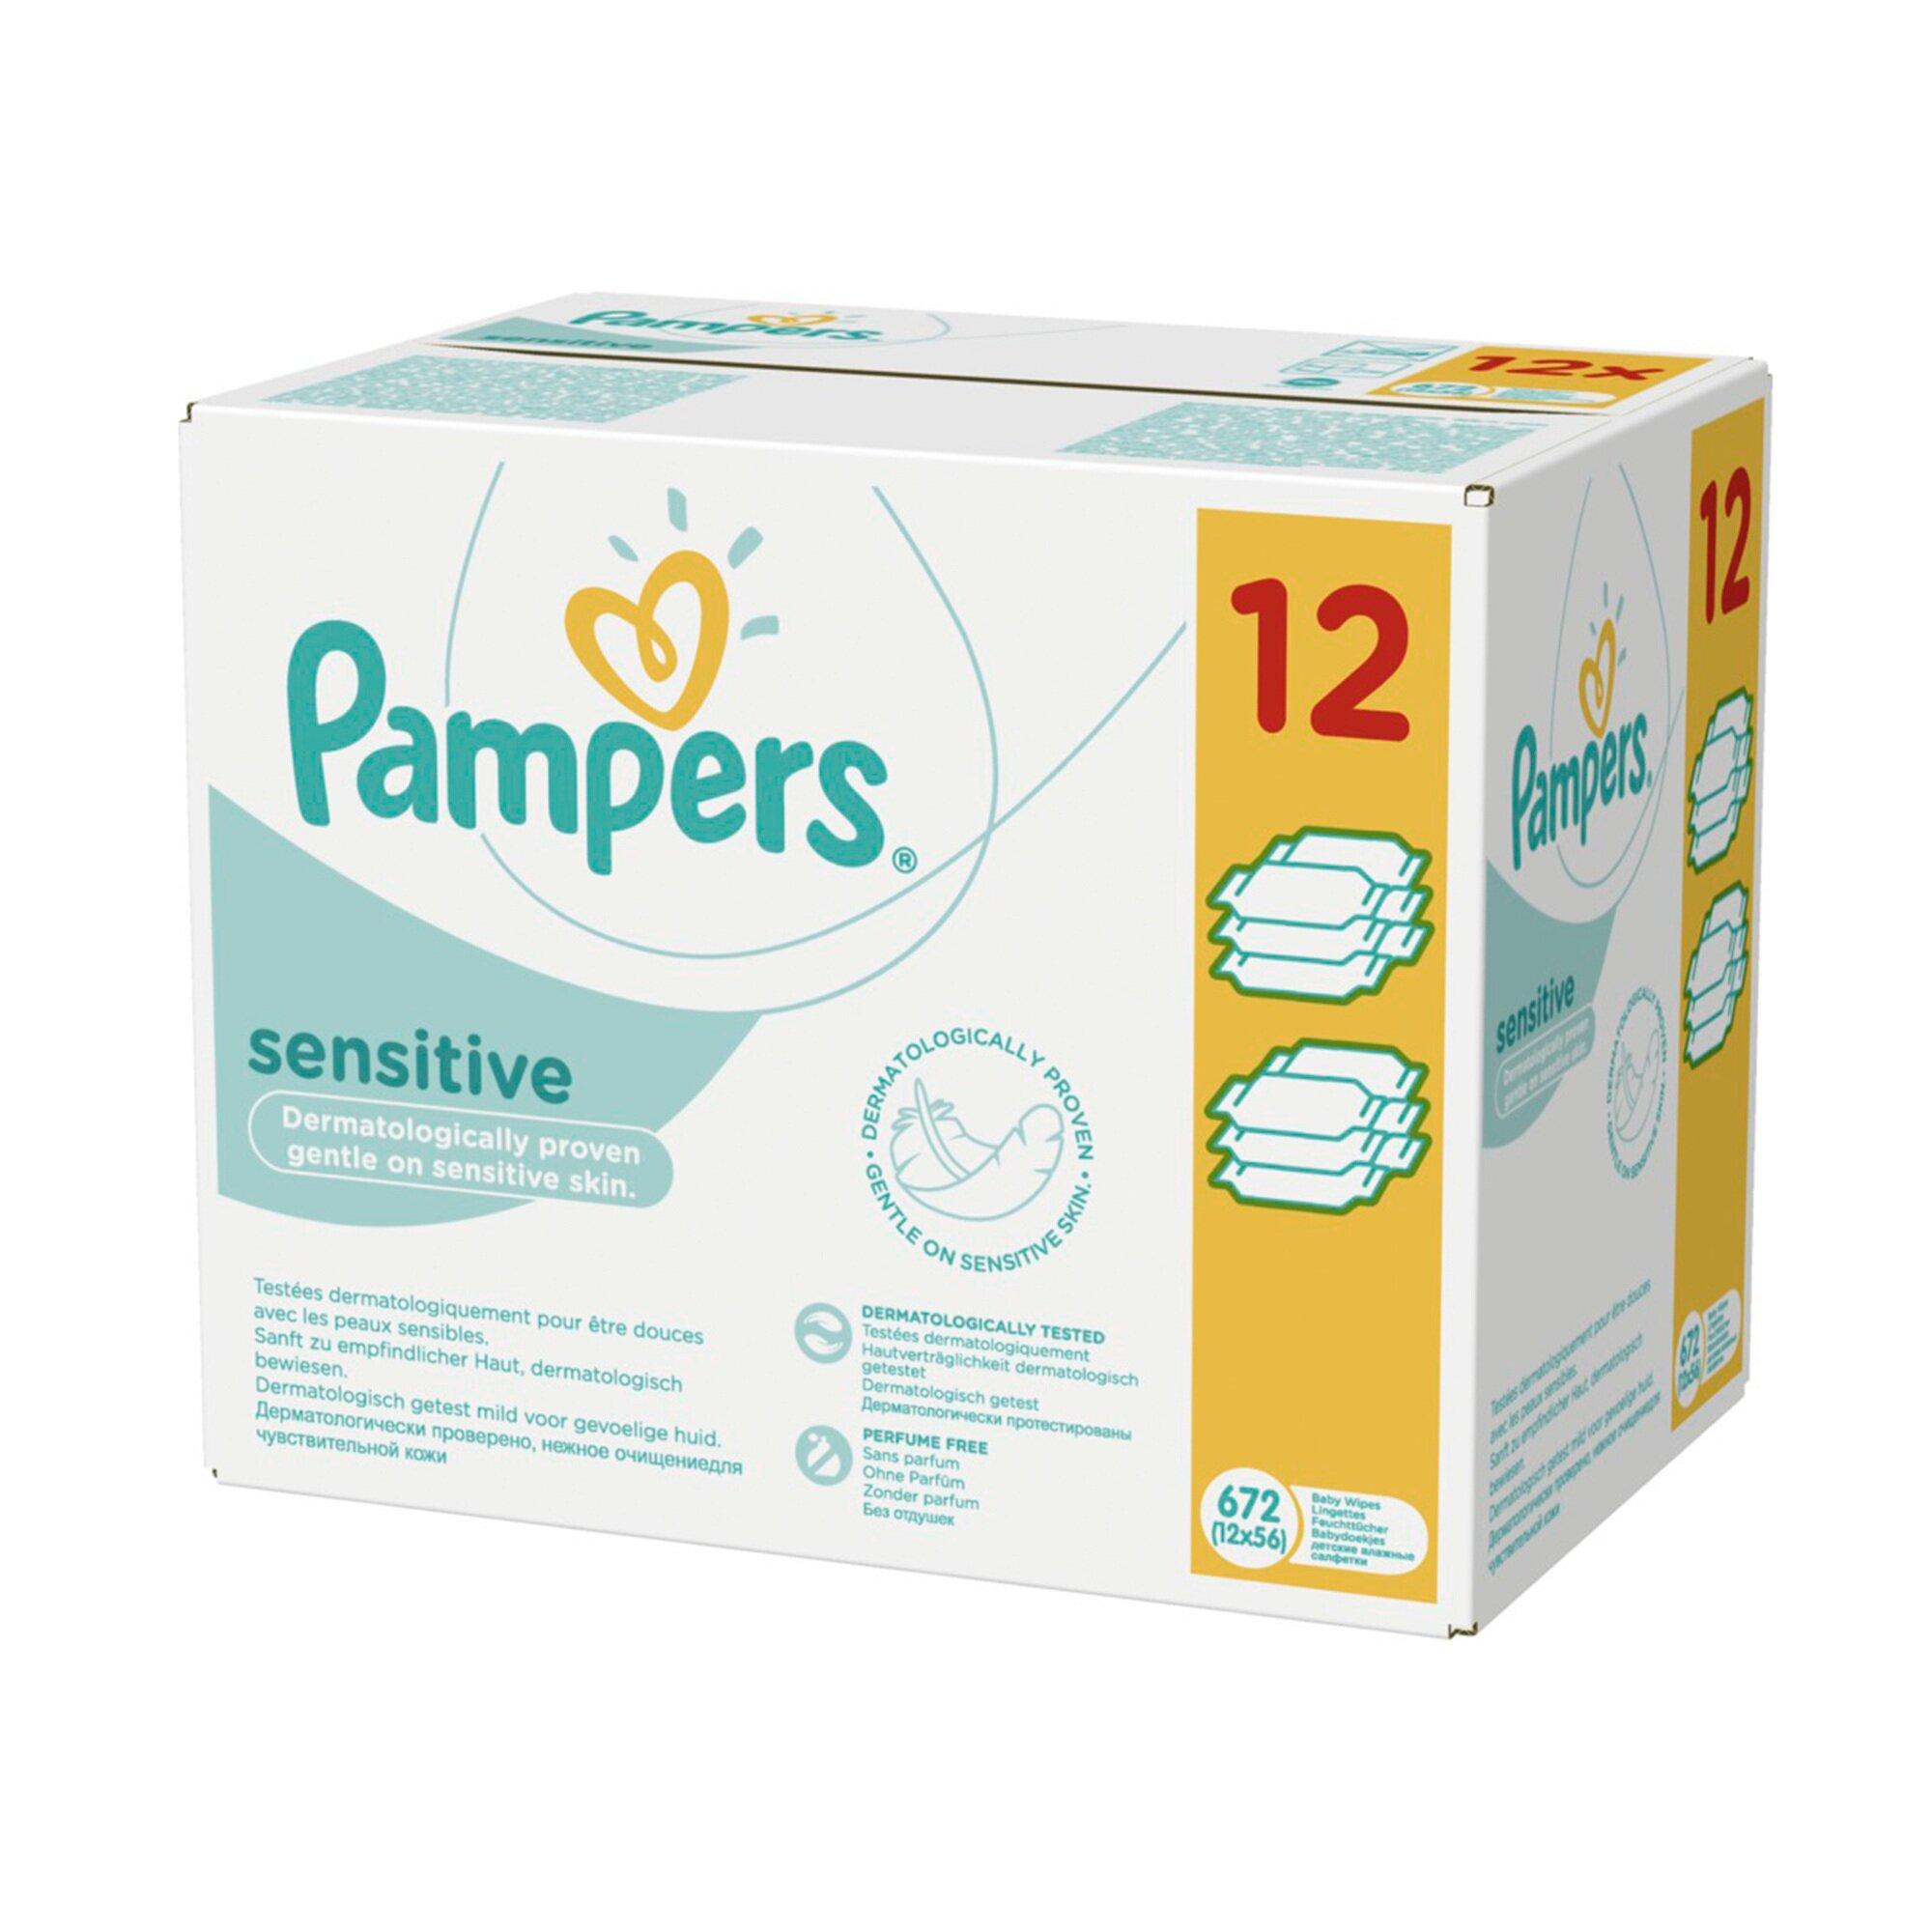 Pampers 12er-Pack Feuchttücher Sensitive, 672 Stück